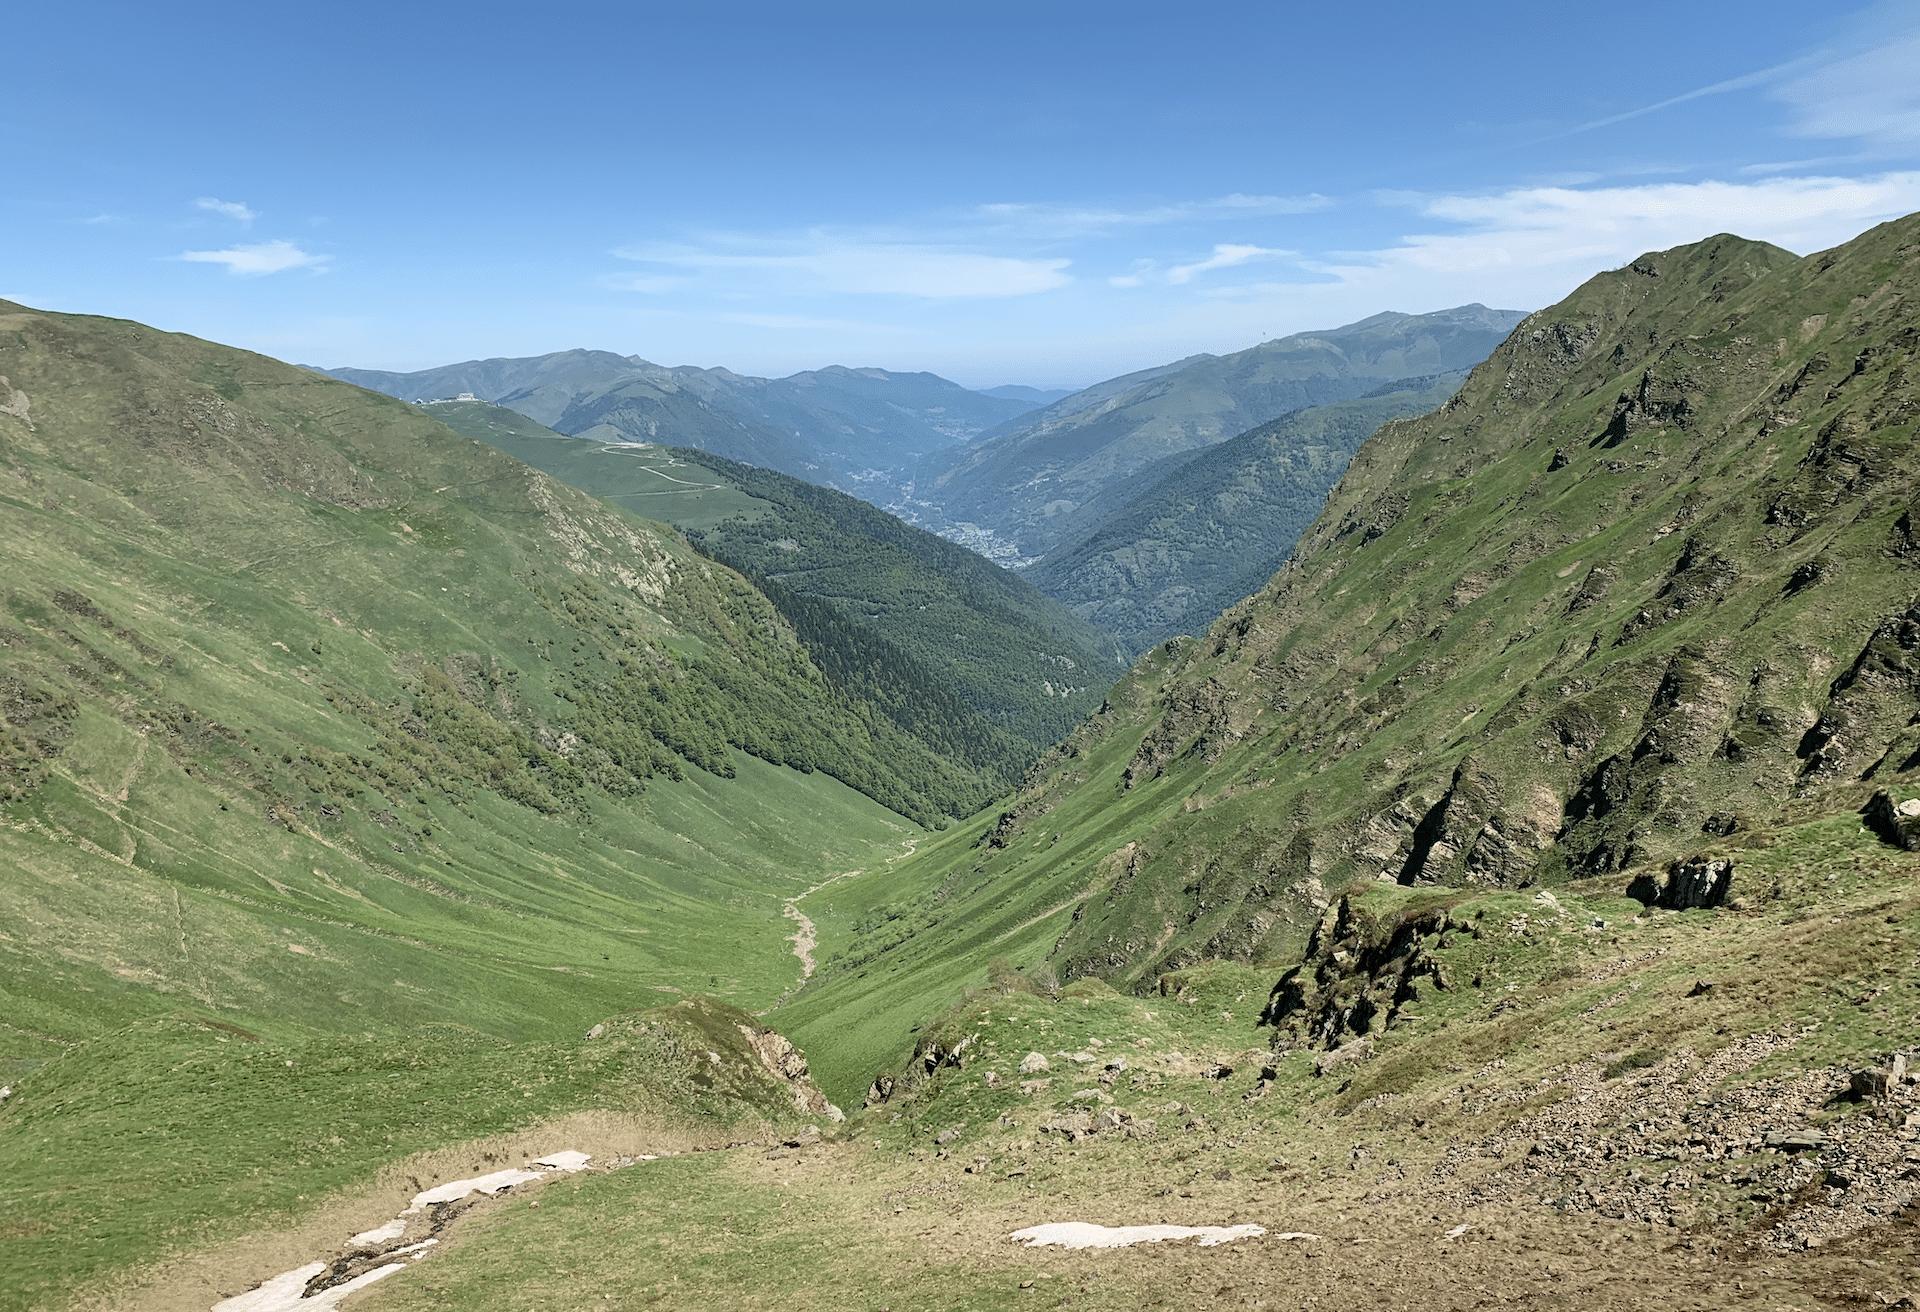 vue depuis le col de pinata dans les pyrenees